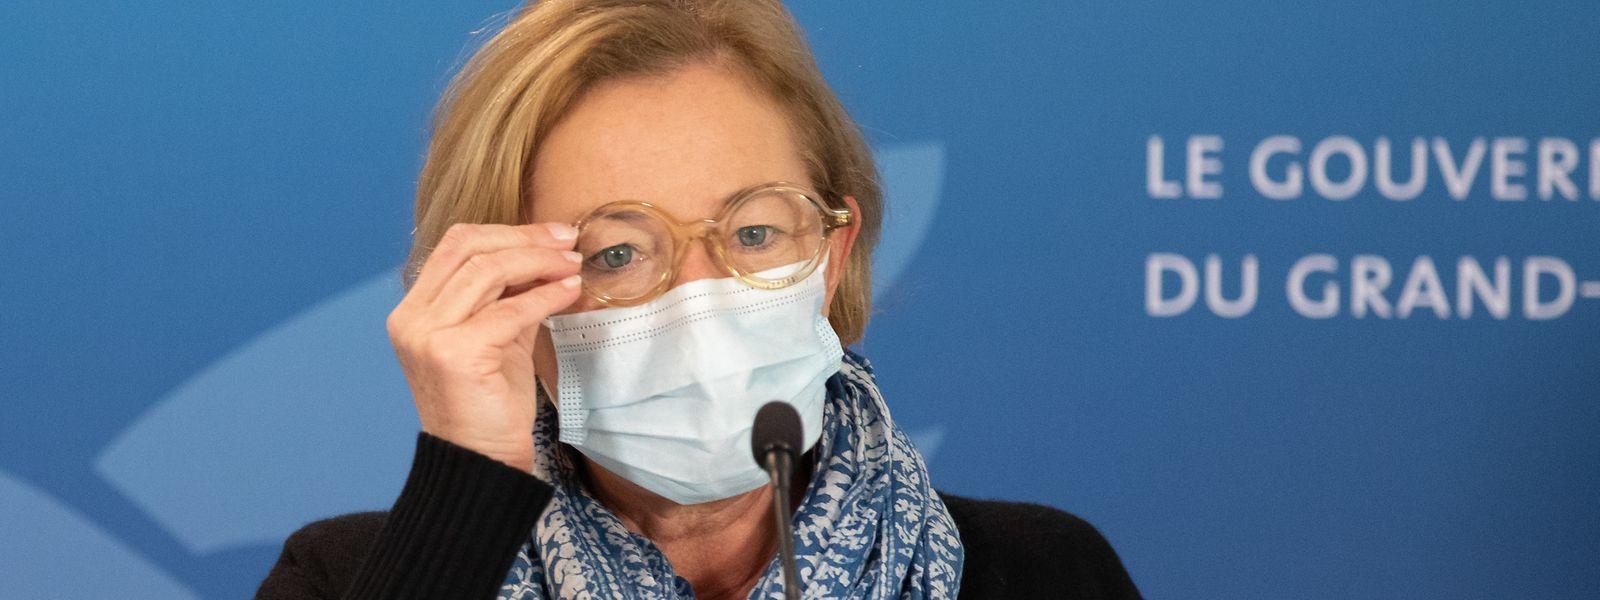 Gesundheitsministerin Paulette Lenert (LSAP) hat sich mit ihrer besonnenen Art etabliert.